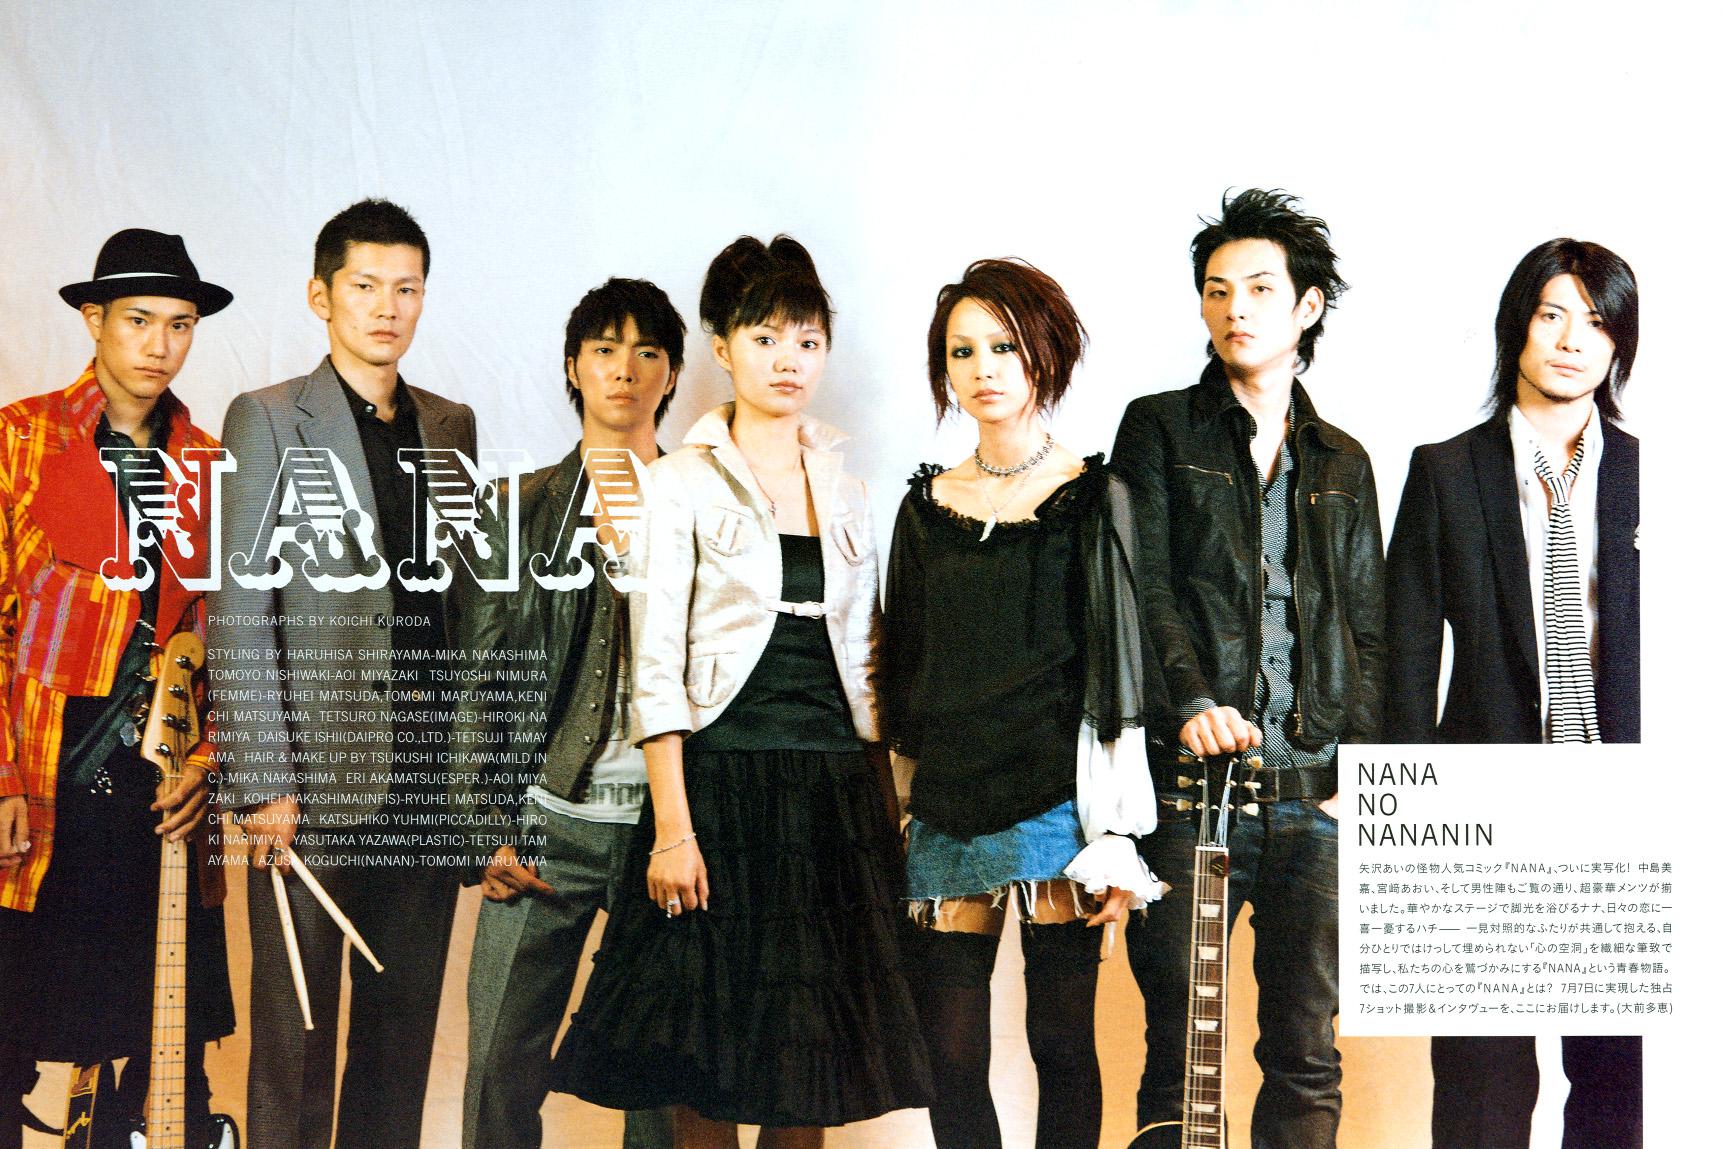 Nana At H Magazine